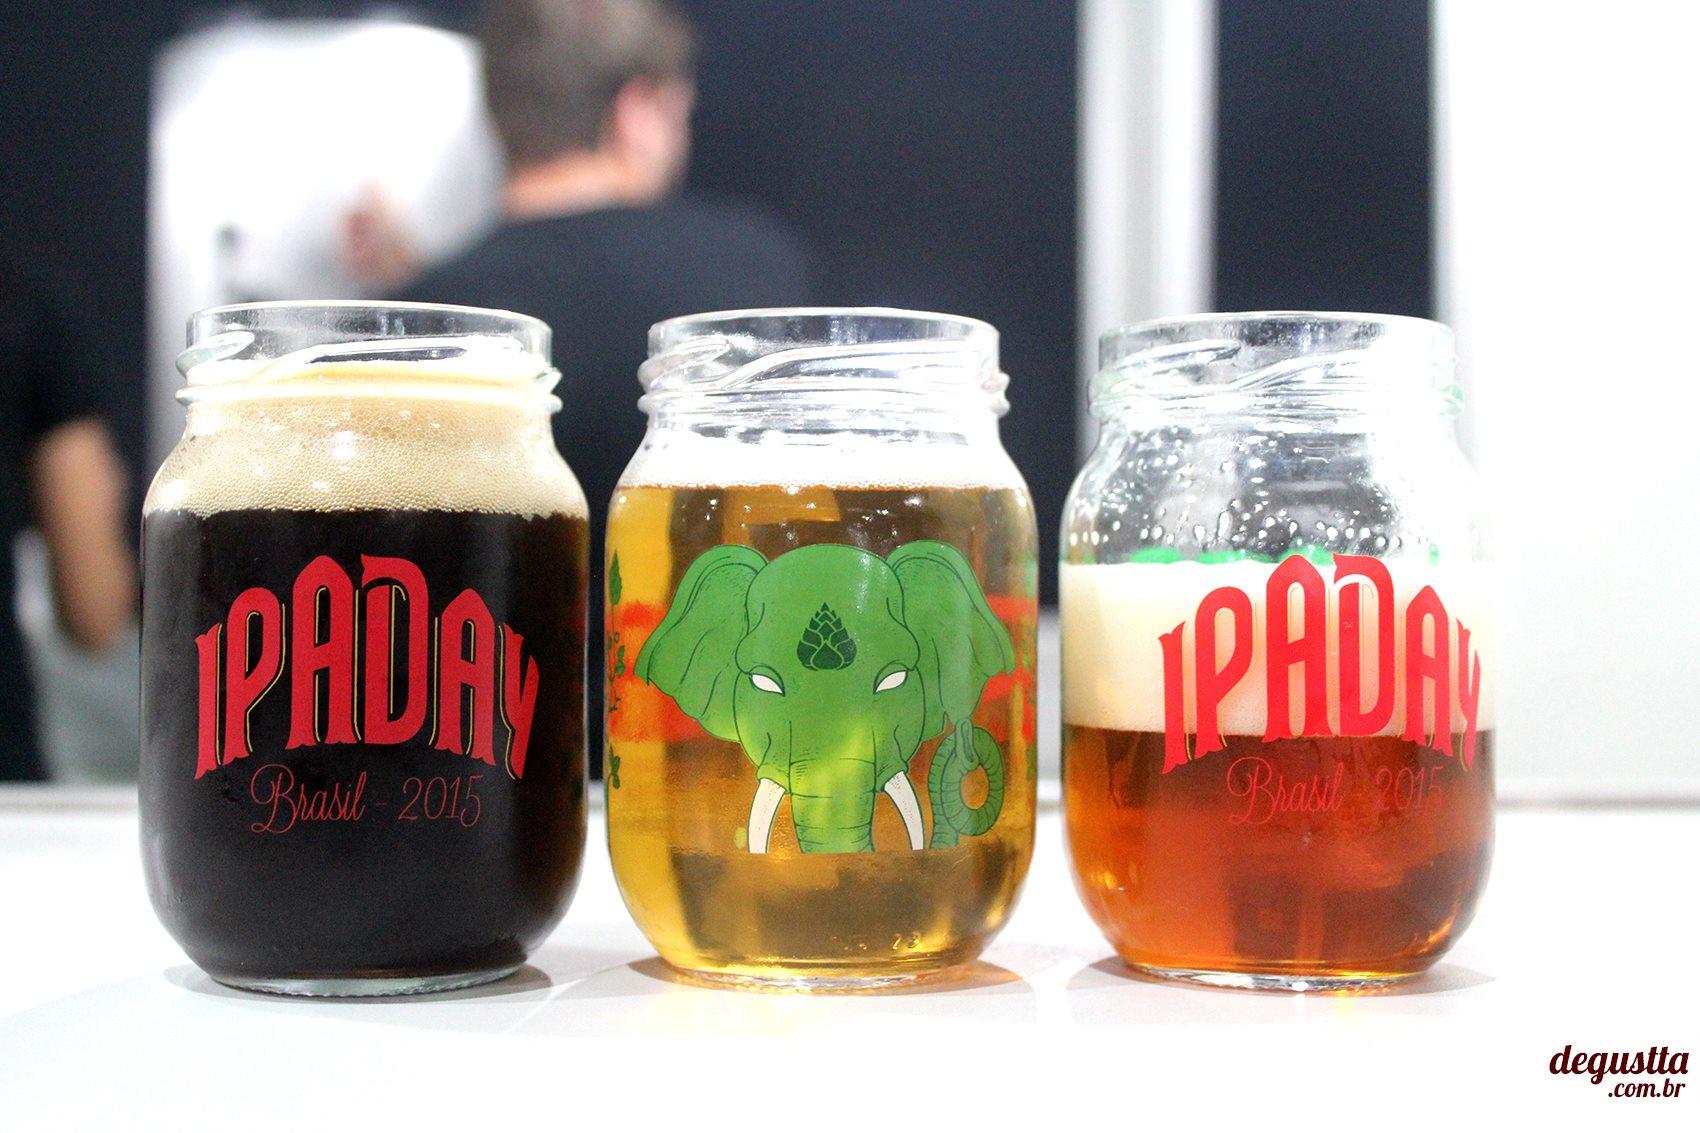 Durante as oito horas de evento, os participantes poderão consumir 6 mil litros de cerveja com variações no estilo India Pale Ale, de seis estados do Brasil e do Exterior (Foto: Divulgação)